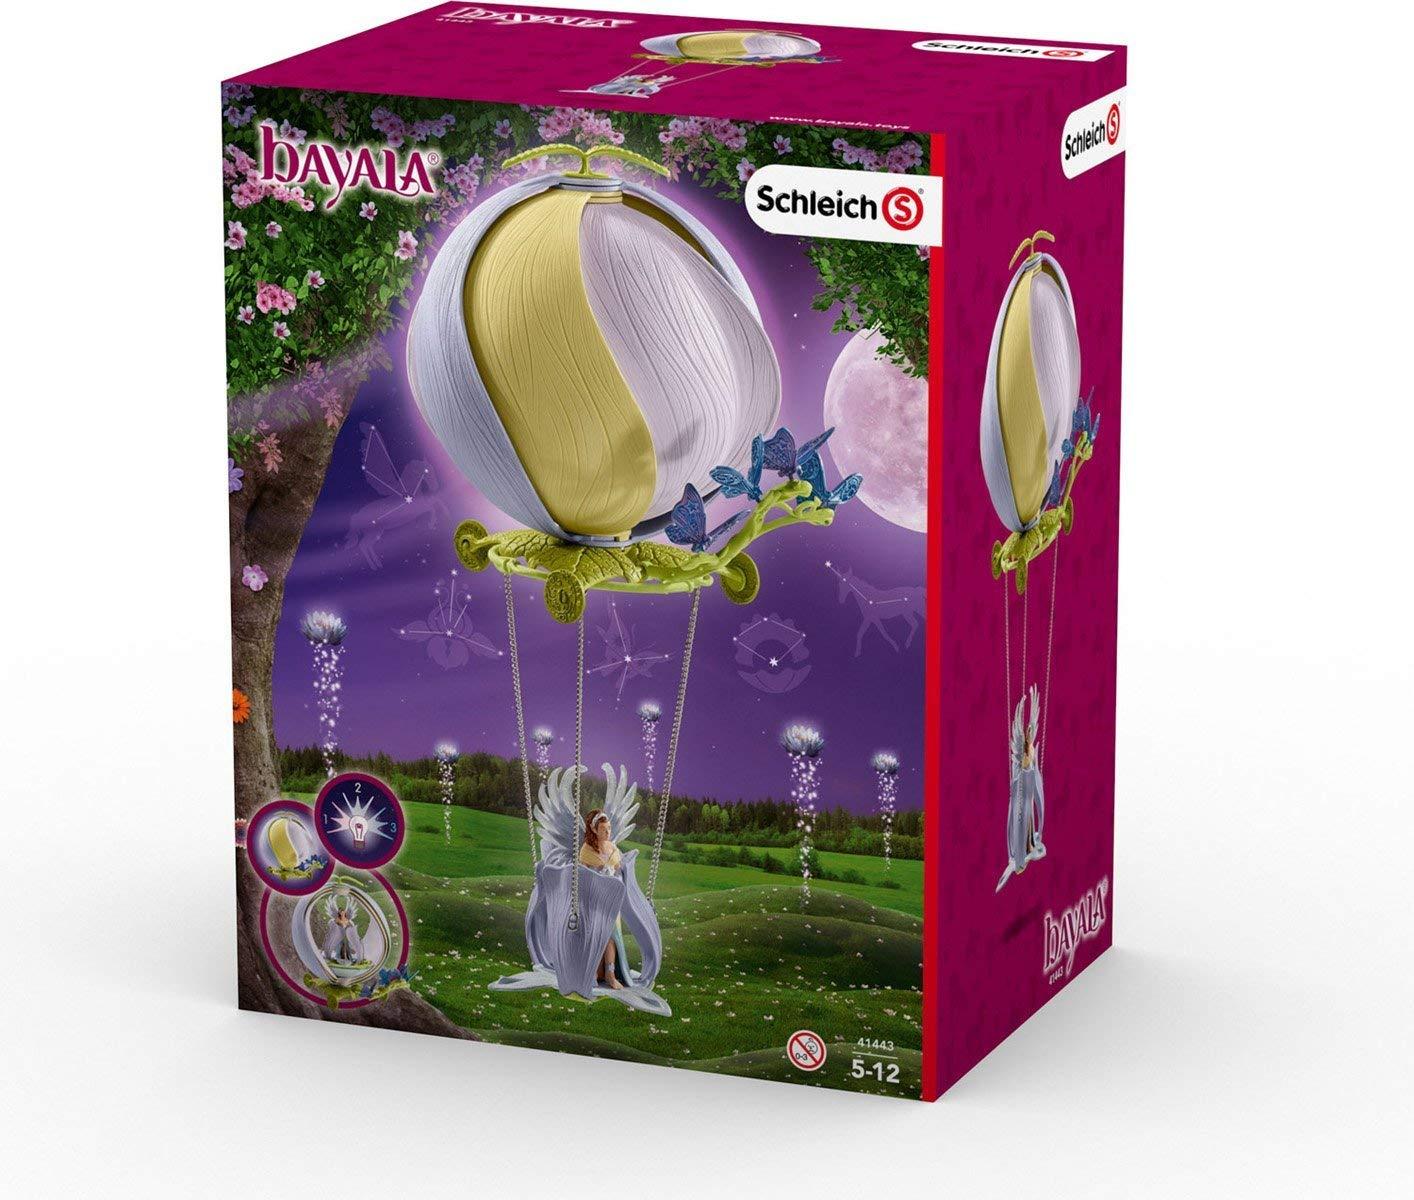 Schleich™ - Bayala: Magischer Blüten-Ballon (41443) für €14,97 (Versandkostenfrei) [@Real.de]